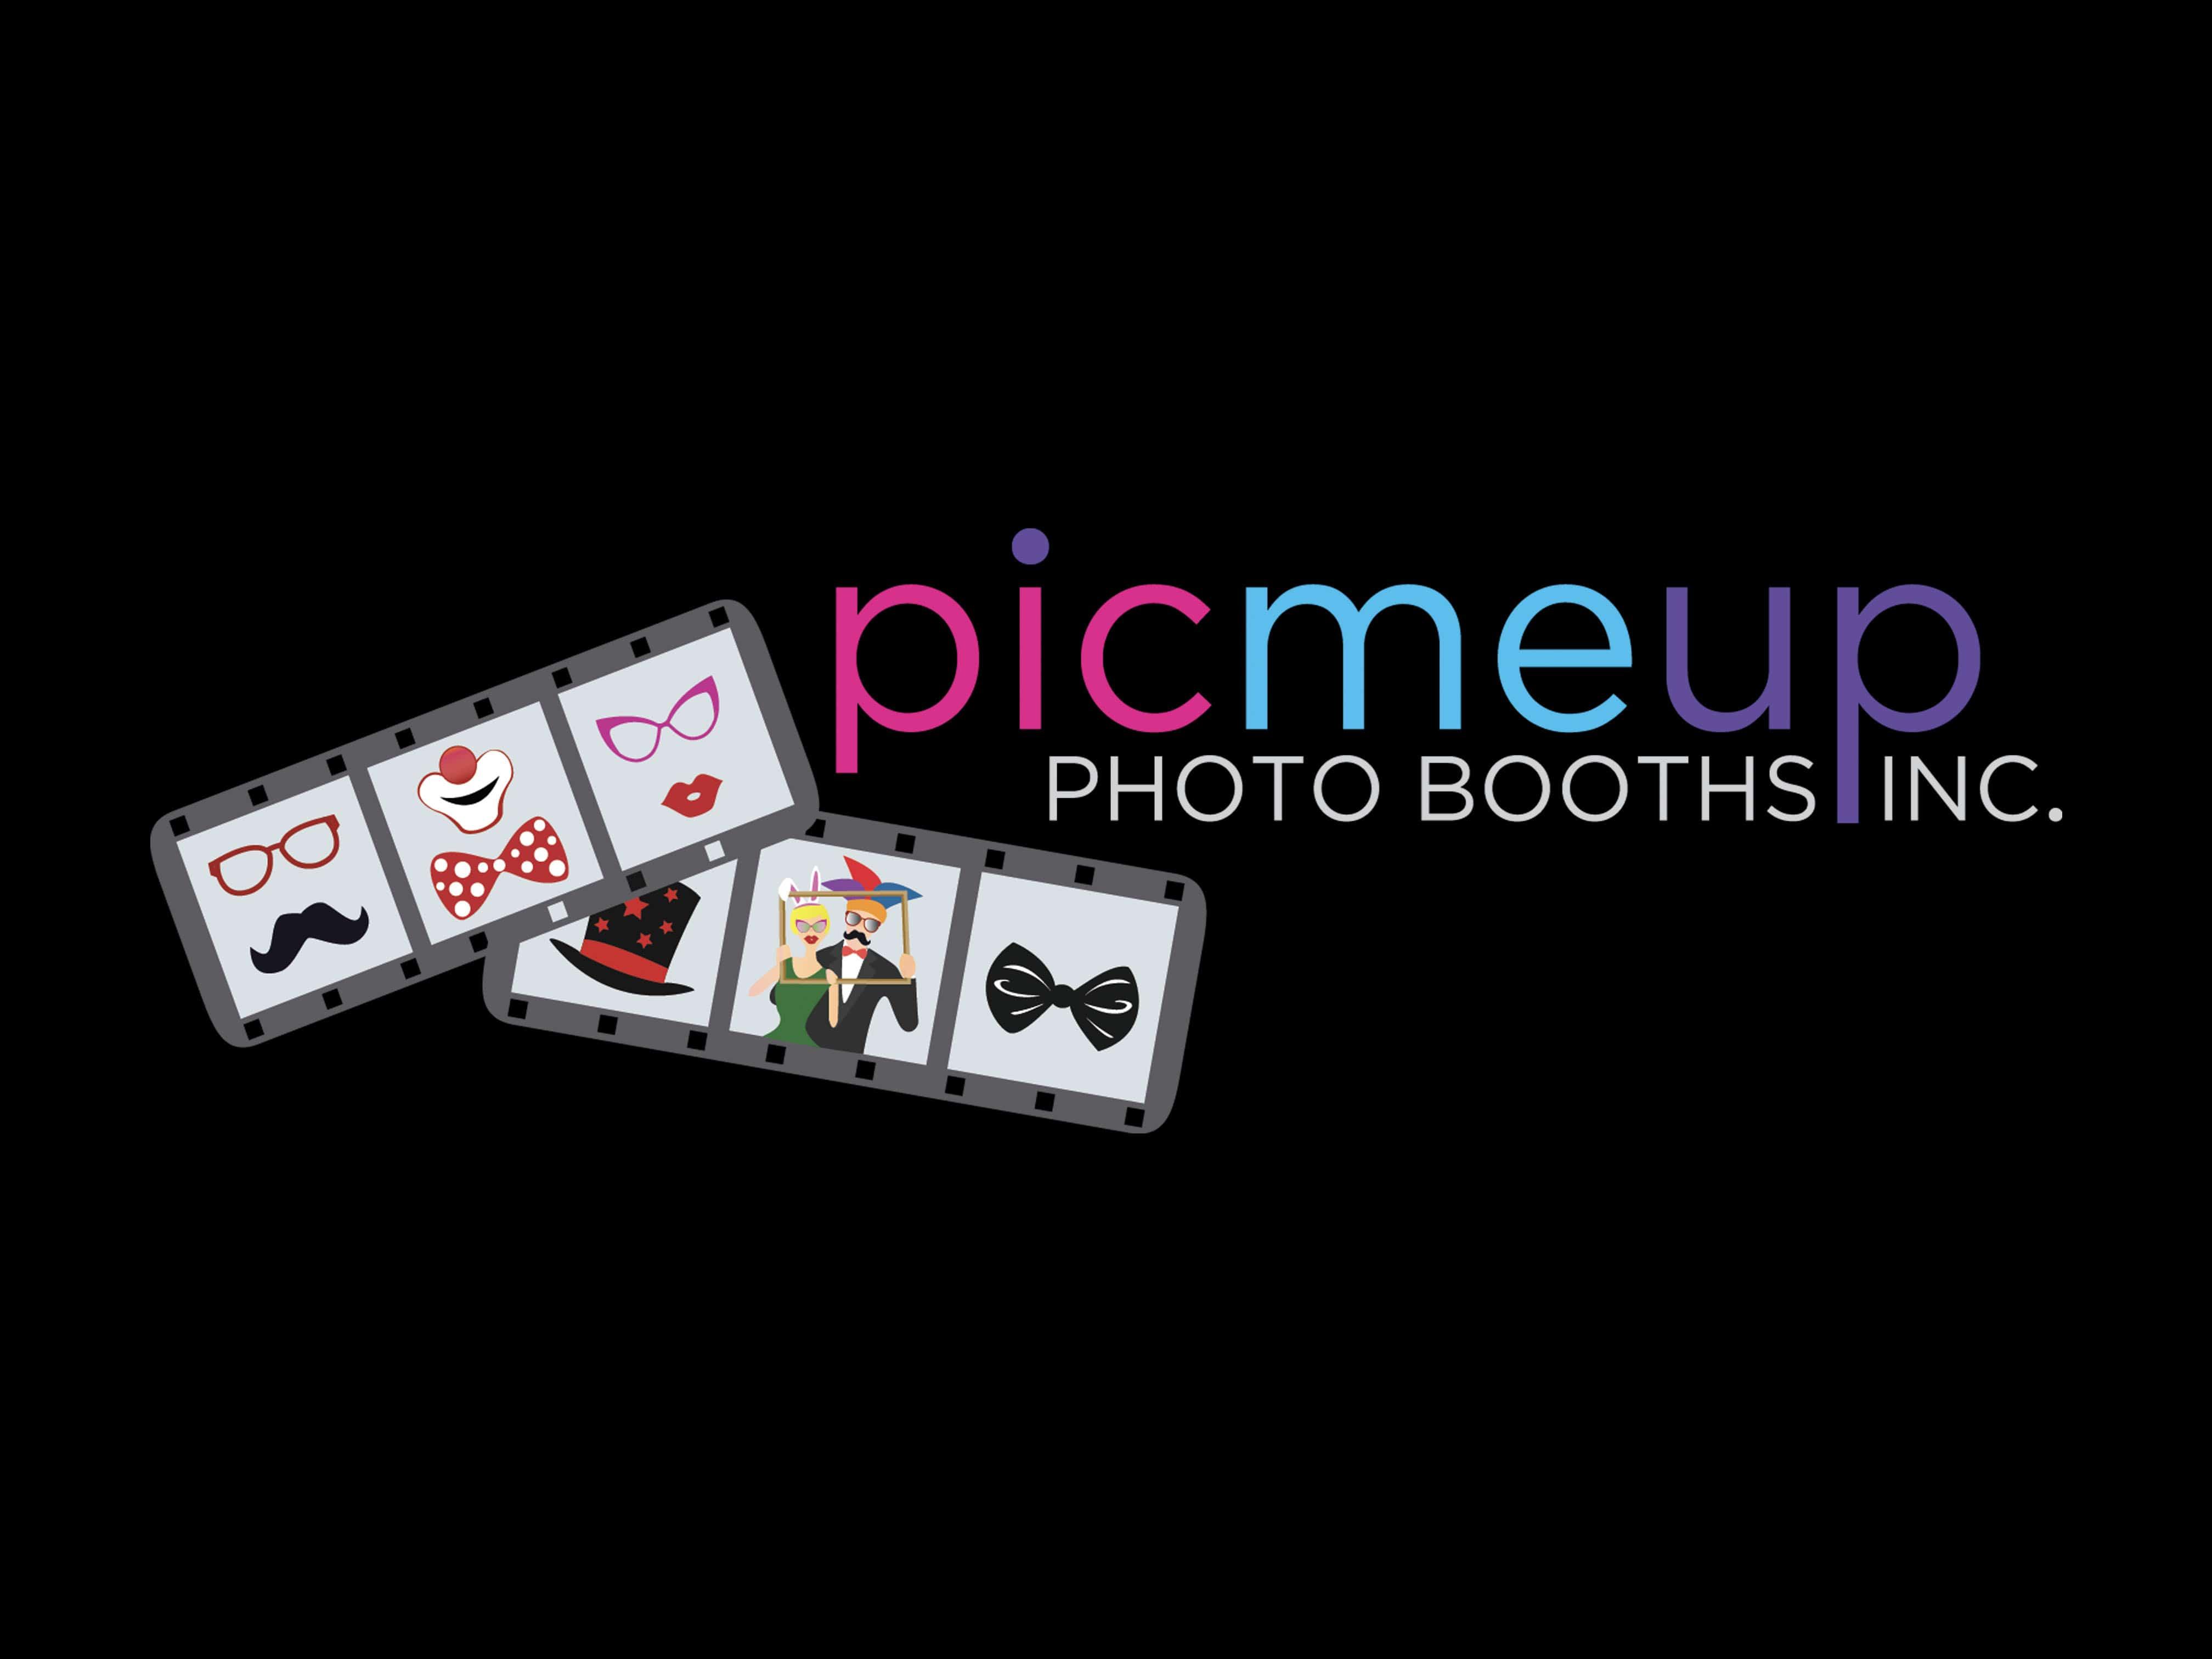 pic me up set up logo